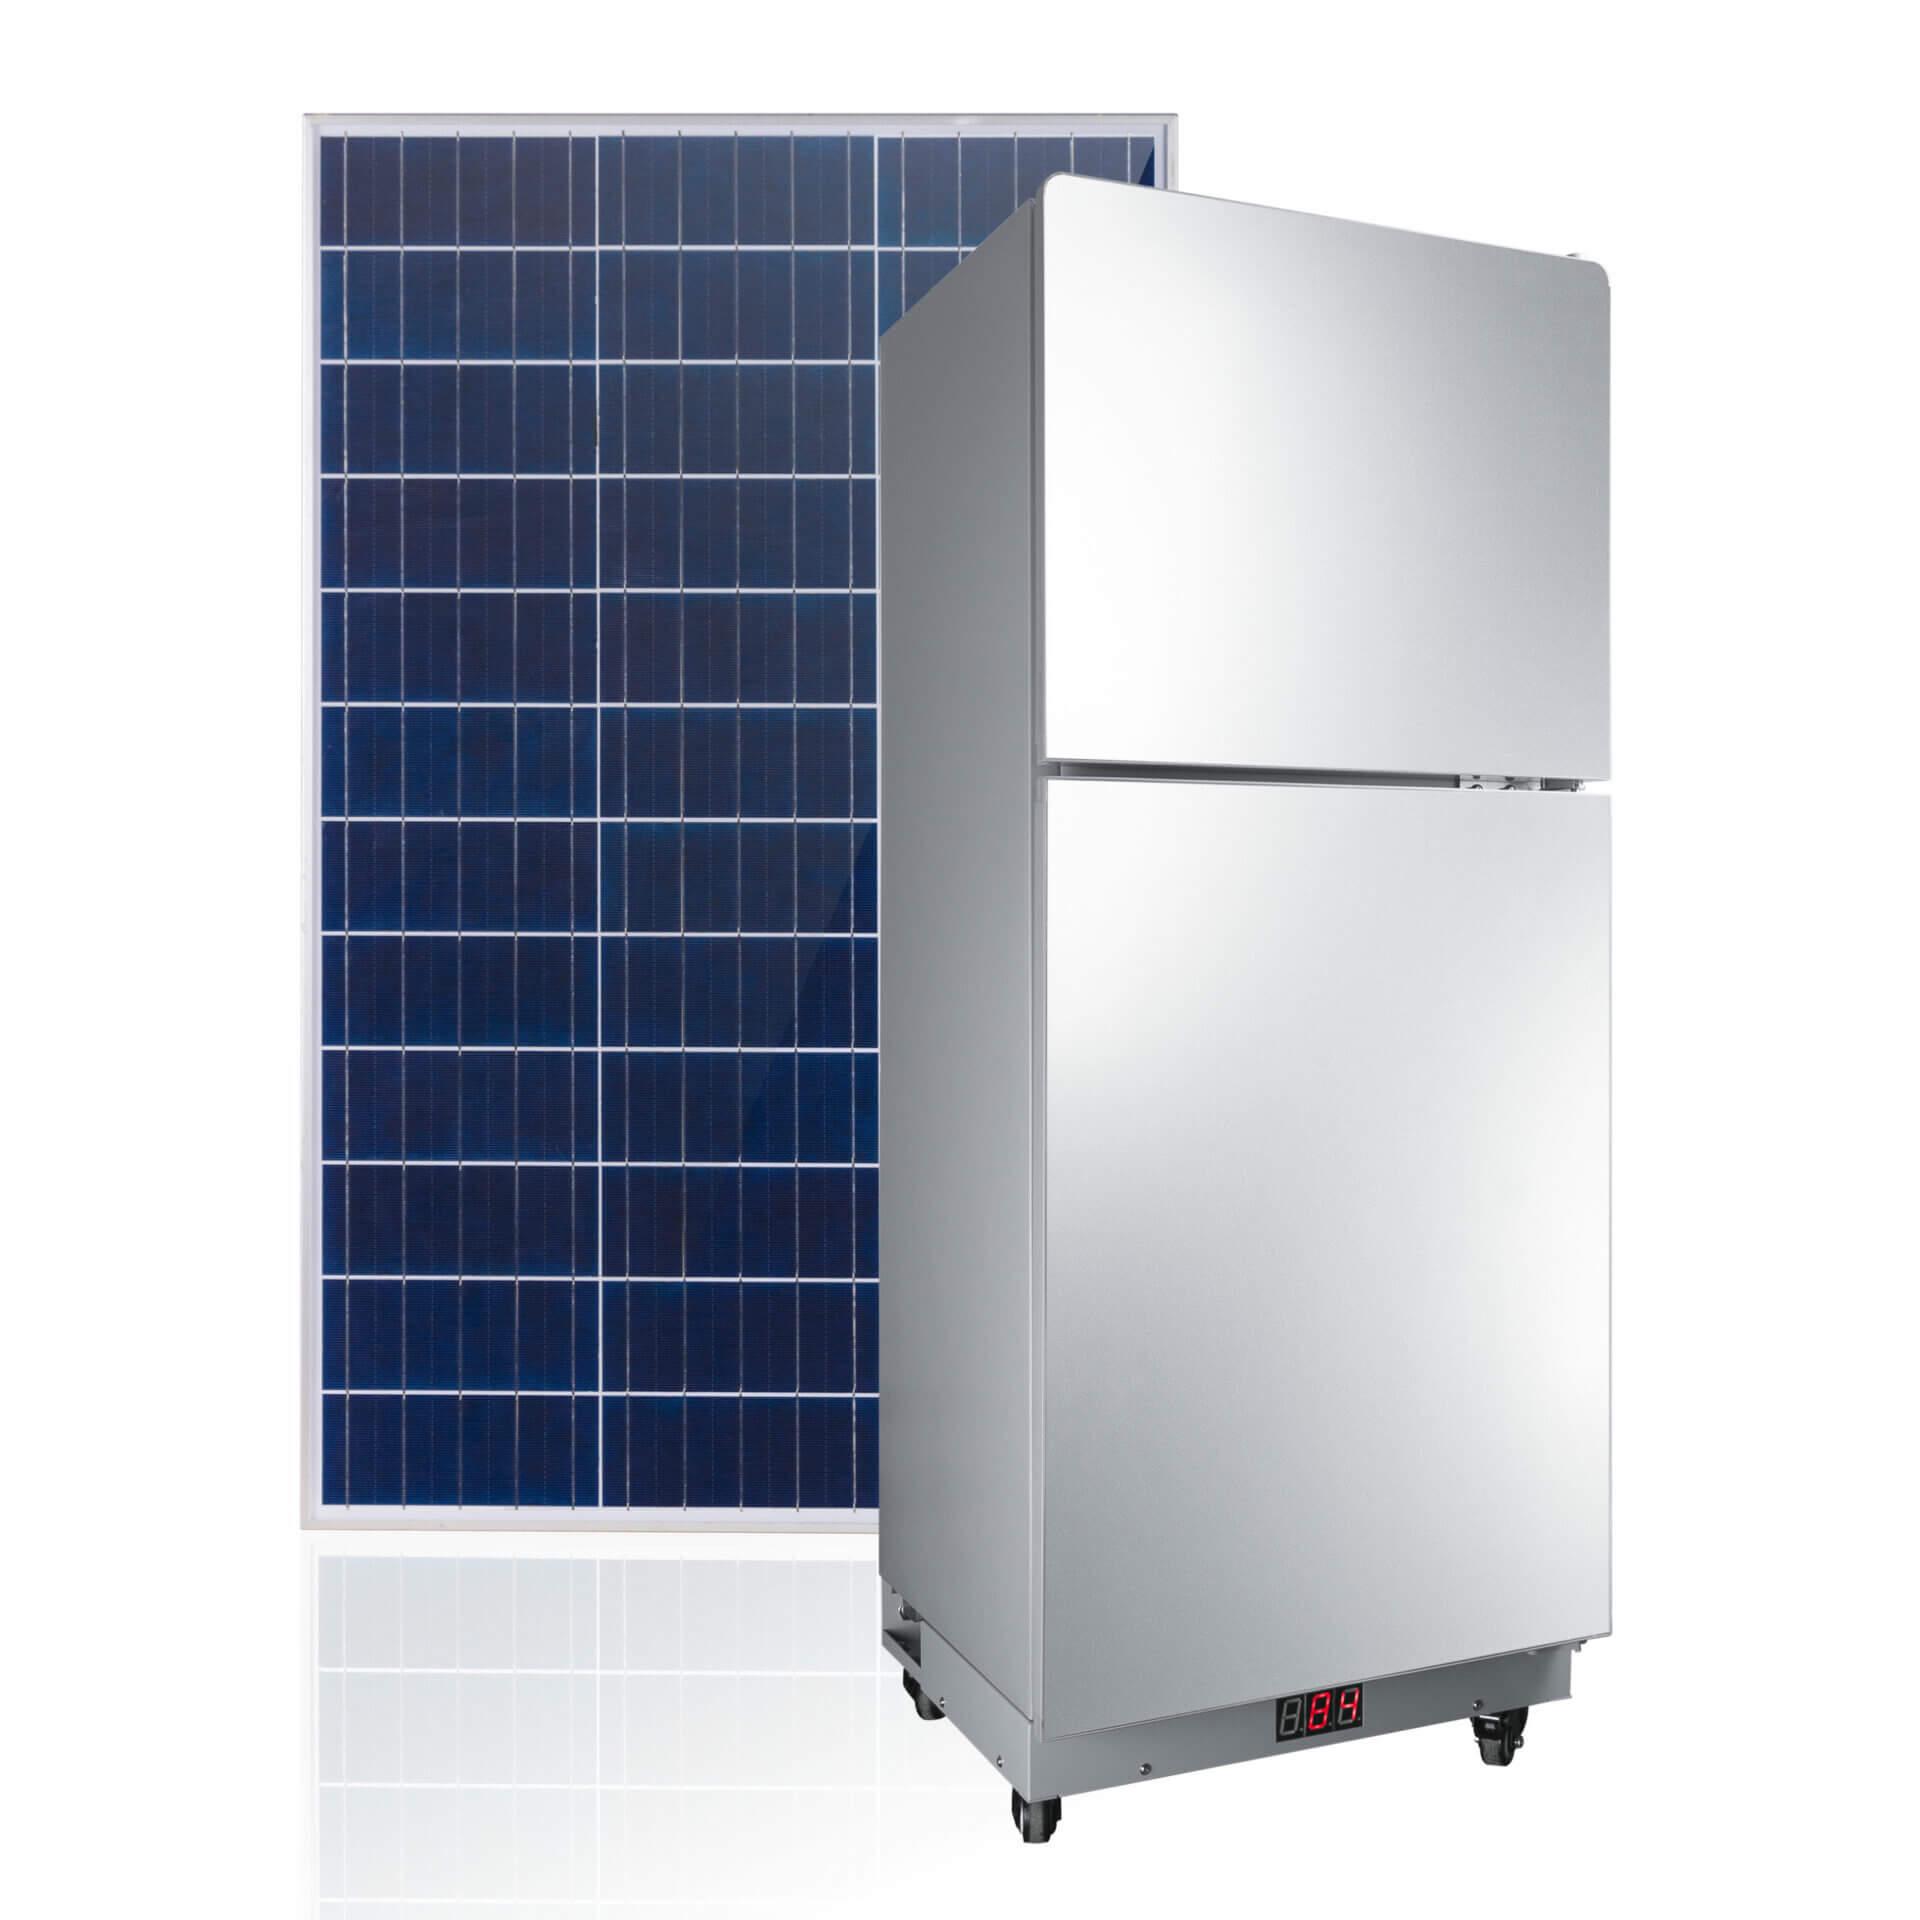 Solar Refridgerator All-in-One Solar Fridge Kit for Home